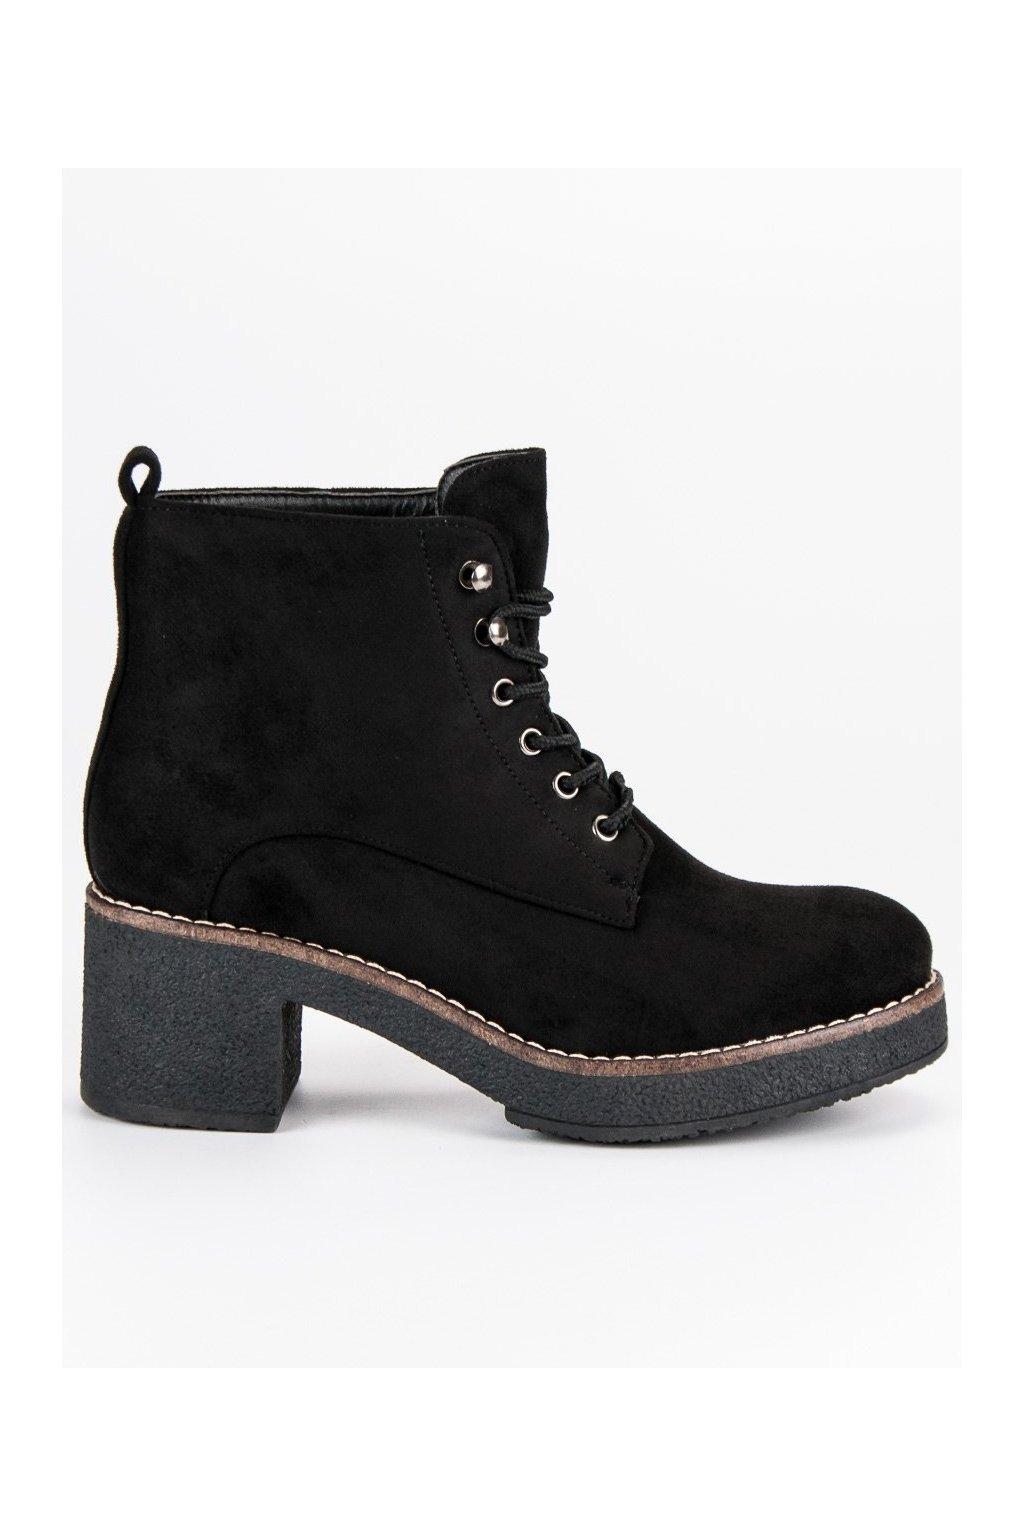 Čierne semišové topánky na podpätku BM129B f723d13ba57